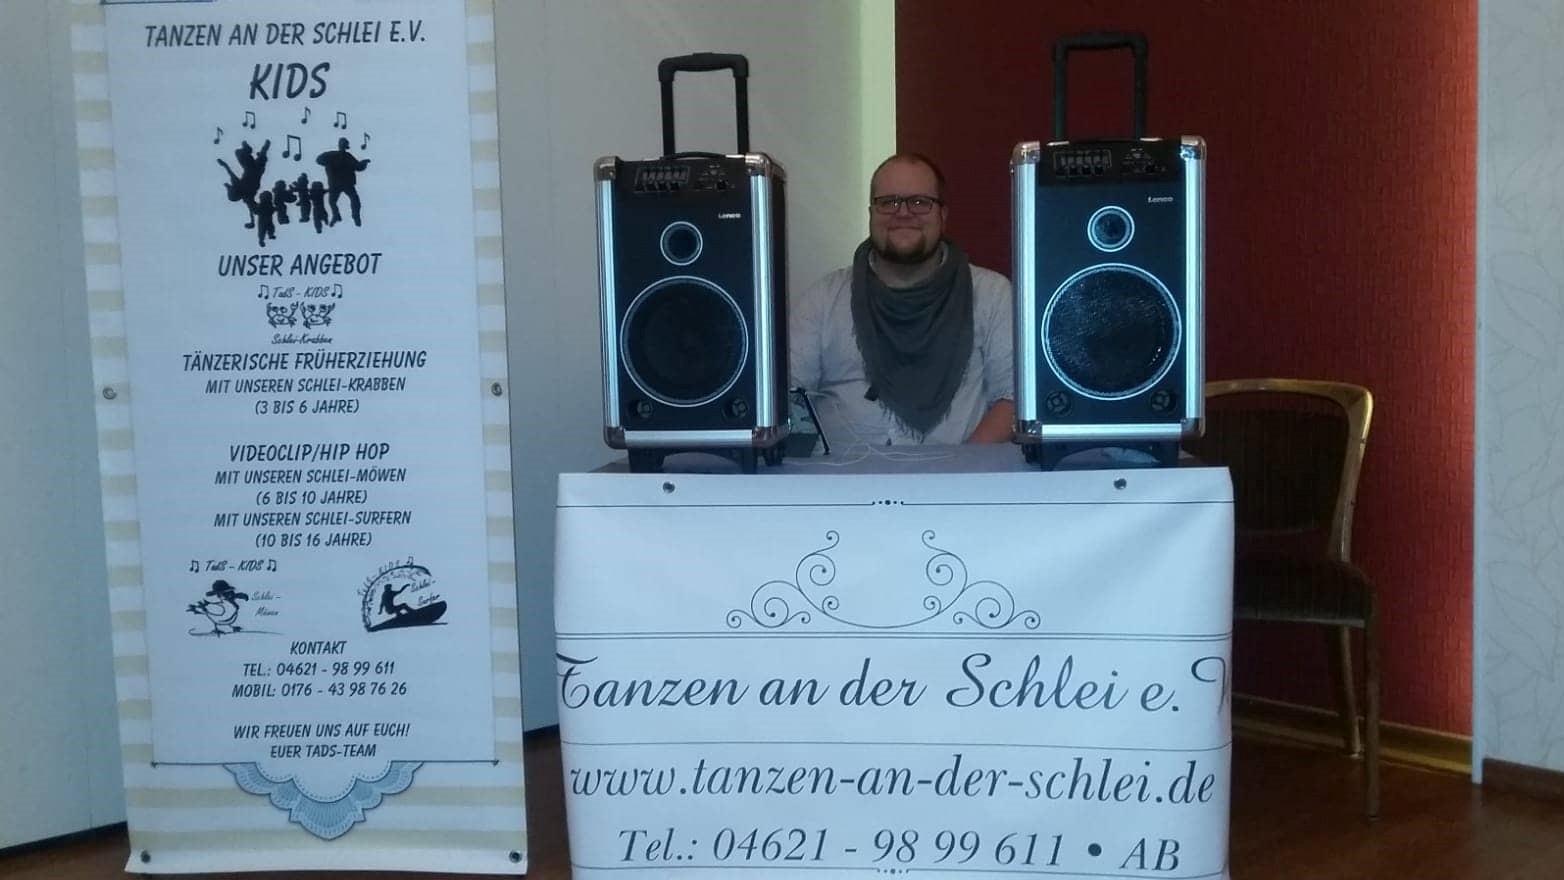 Ove, unser DJ, beim Tanzabend in Güby bei Schleswig